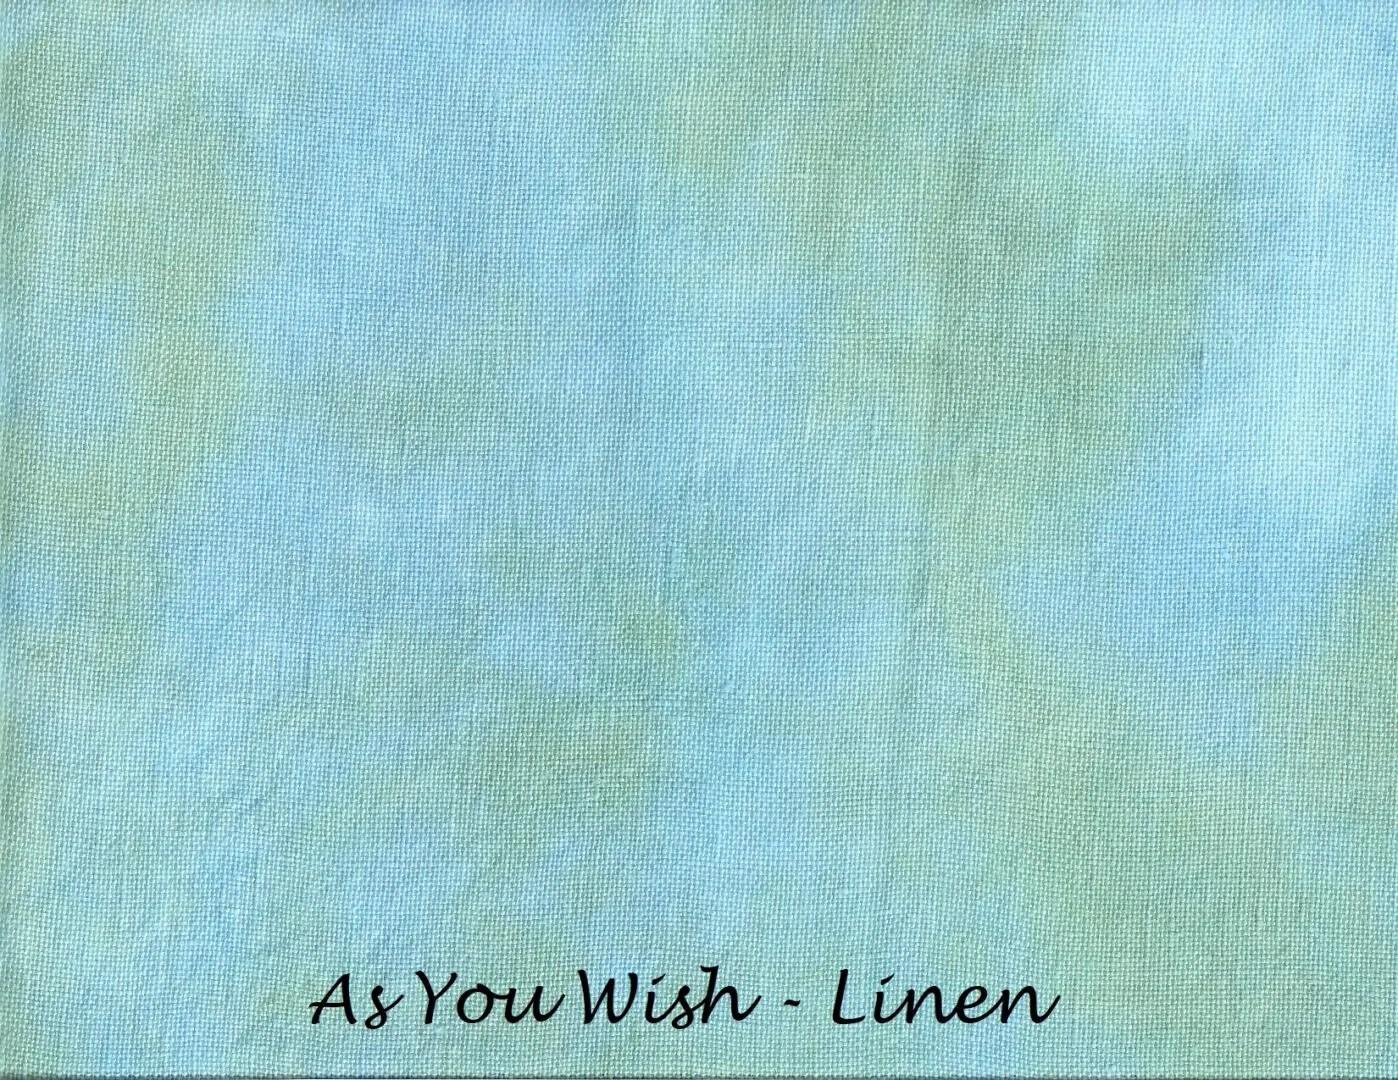 As You Wish Linen